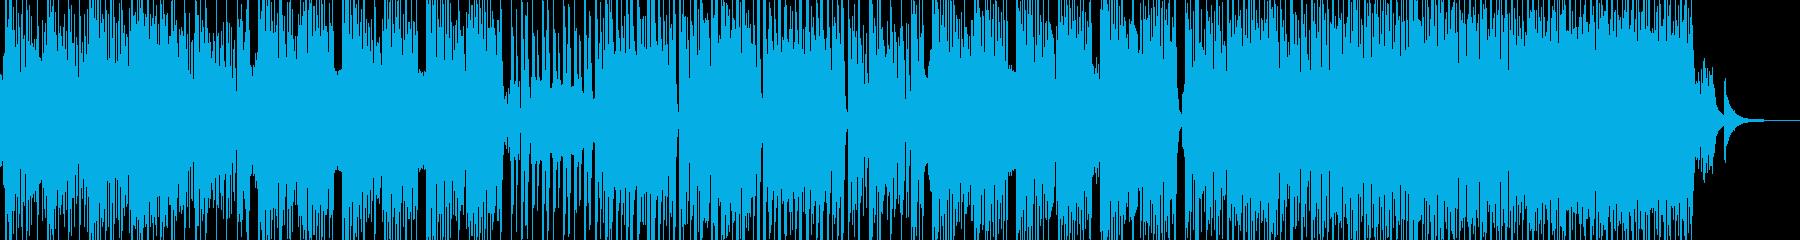 民族的で原始的な雰囲気を演出 エレキ有の再生済みの波形